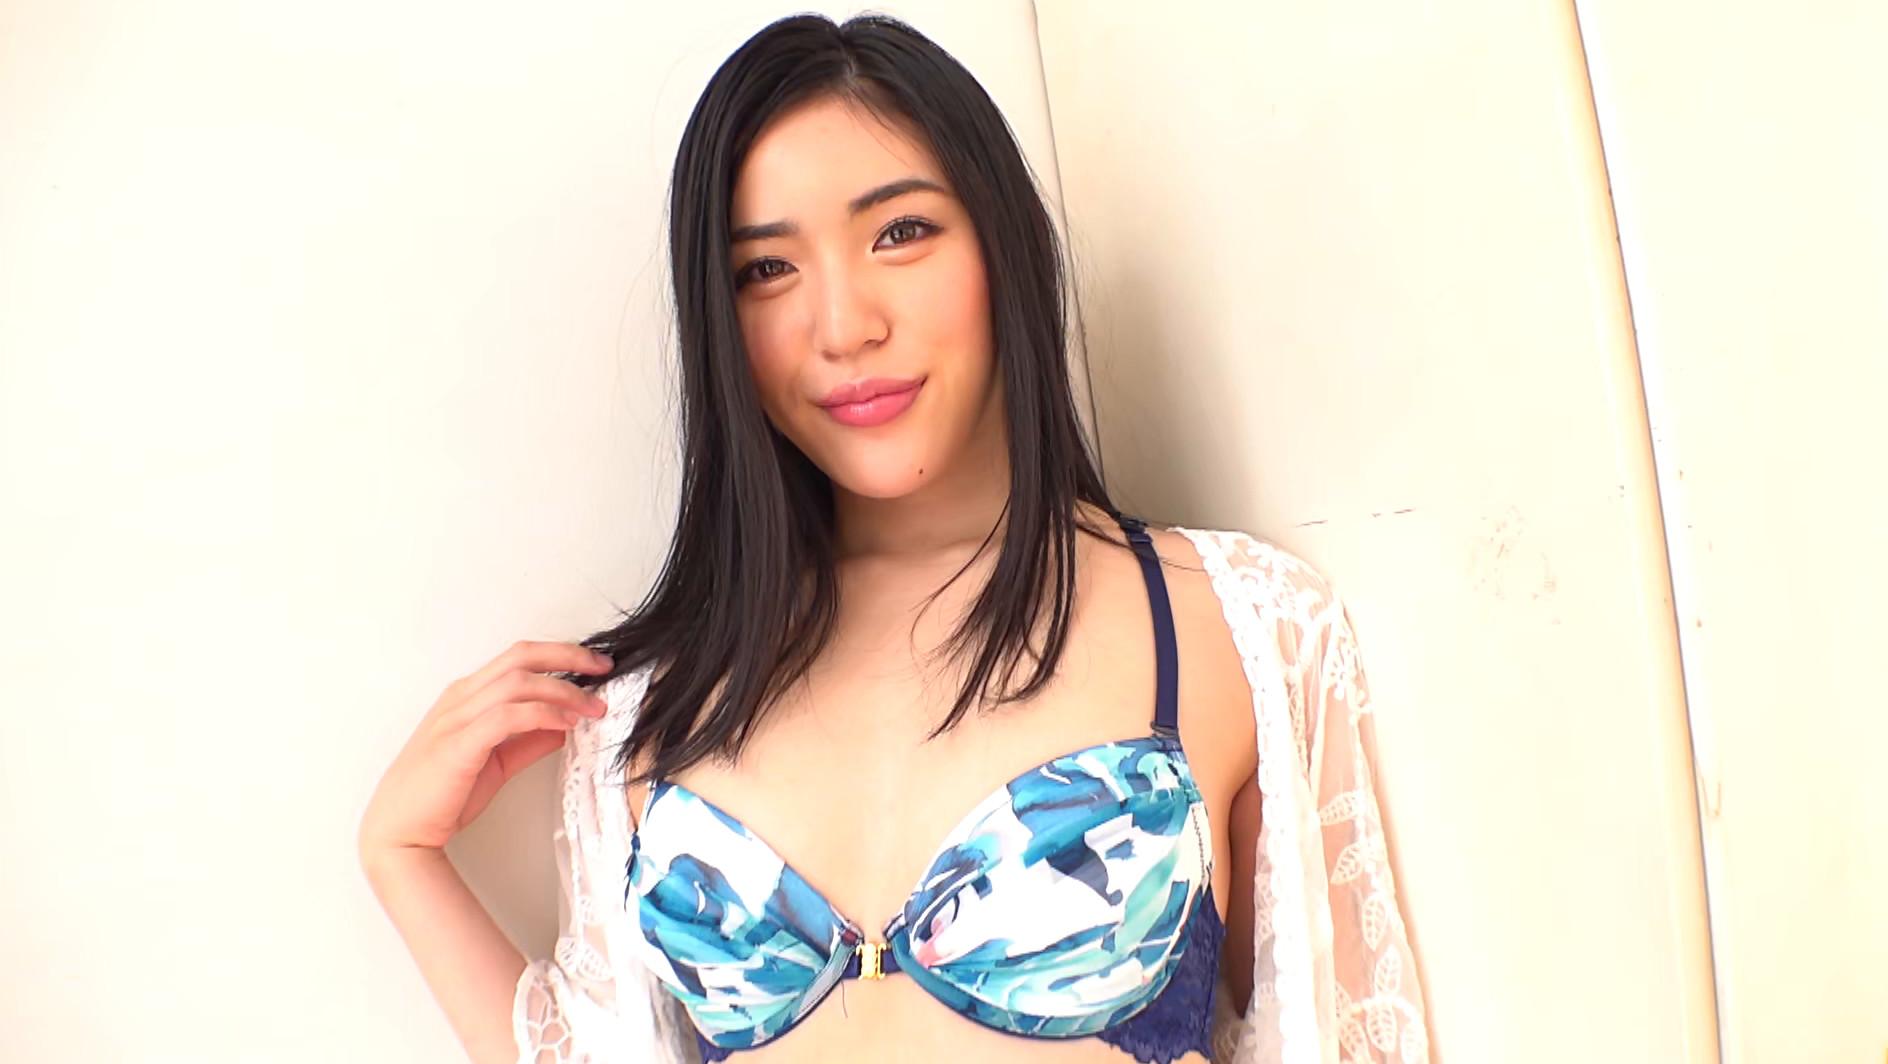 キックボクサーでファッションモデルもこなす 美女デビュー 朝倉沙月 画像7